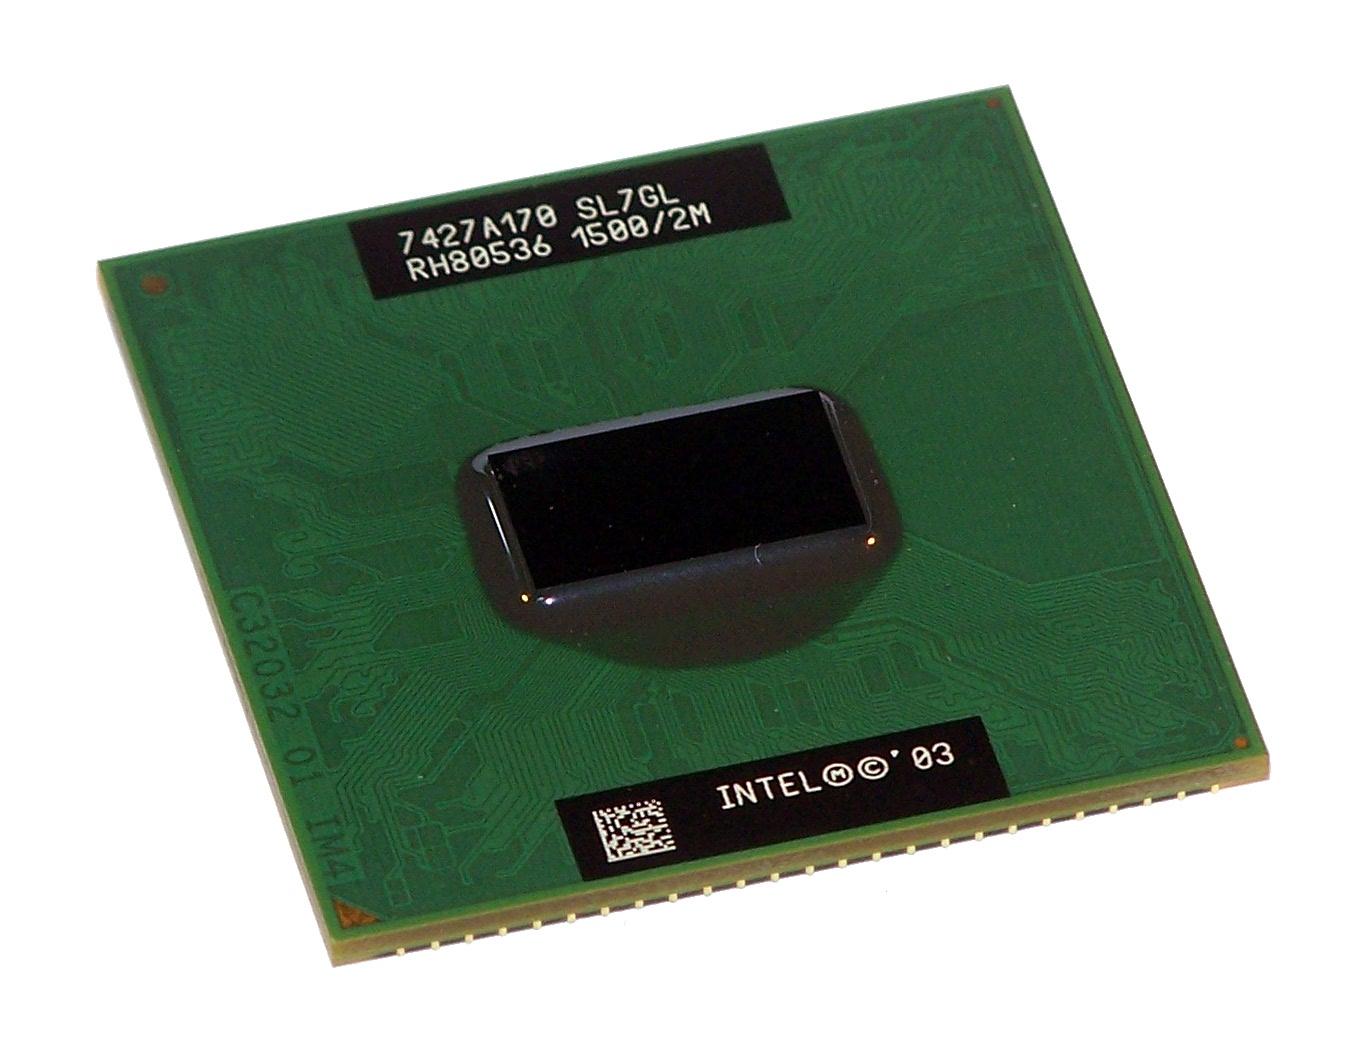 Intel Pentium M 715 Mobil - 1.5 GHz